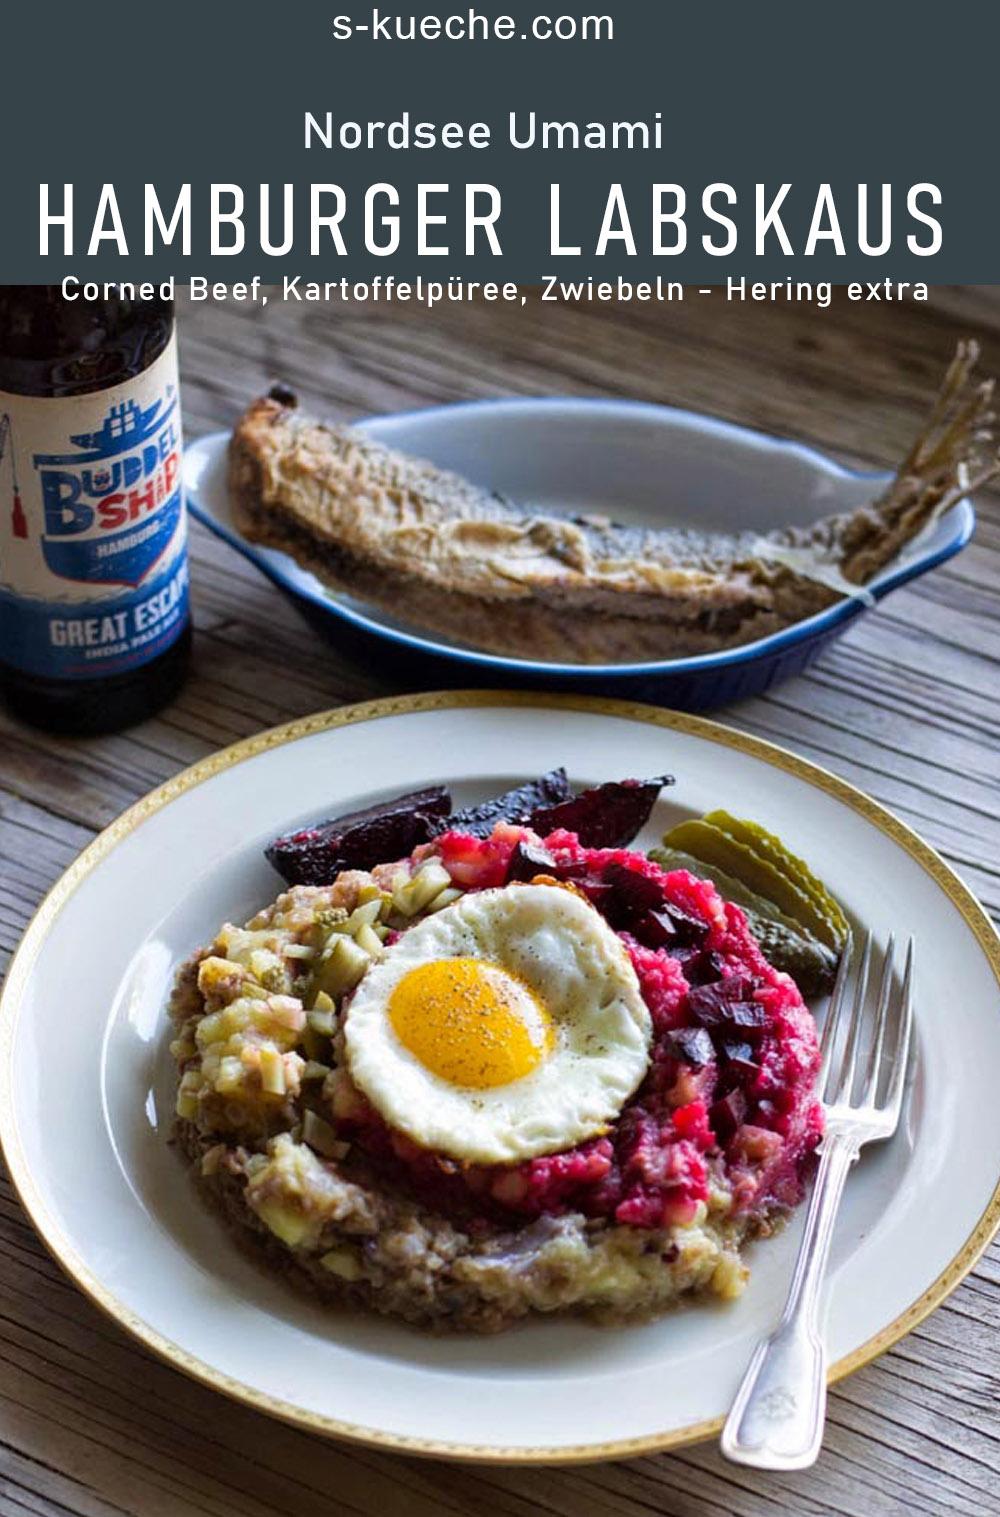 Corned Beef, Kartoffelpüree und Zwiebeln - Hering extra